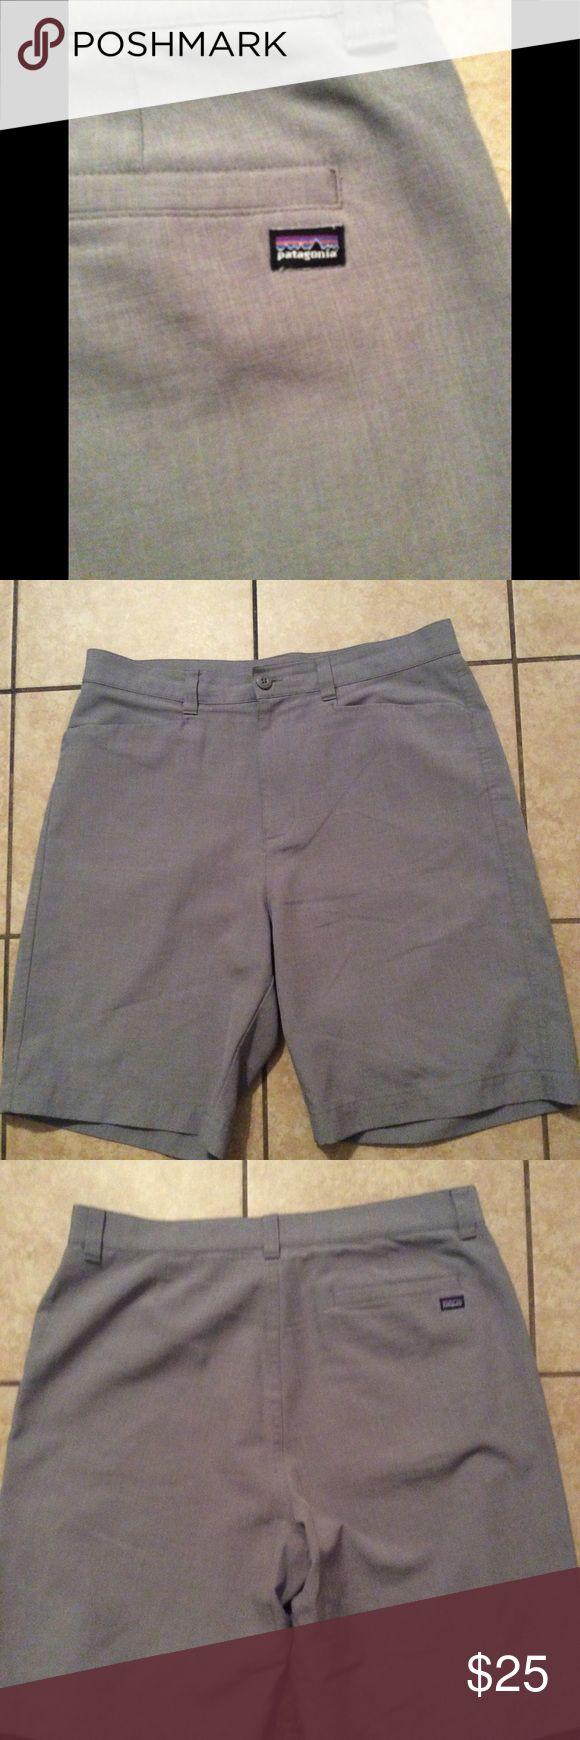 Patagonia dress shorts Patagonia men's dress shorts 34 like new grey Patagonia Shorts